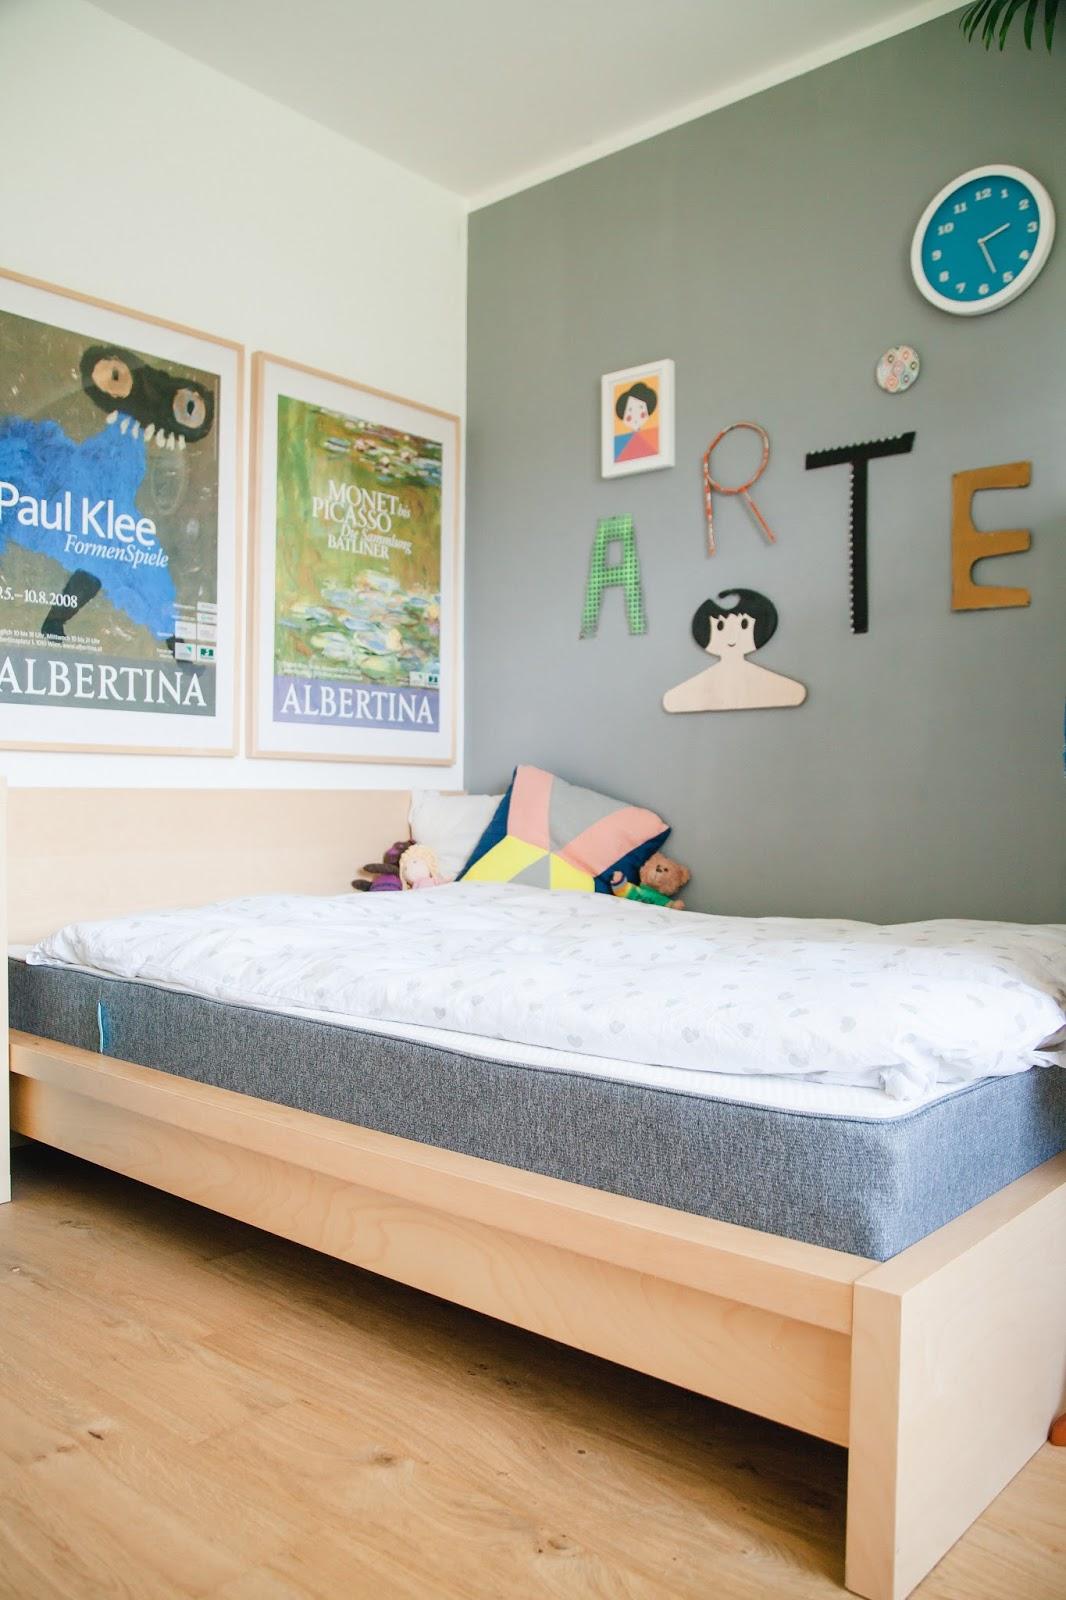 Wohn:projekt   der mama tochter blog für interior, diy, lifestyle ...